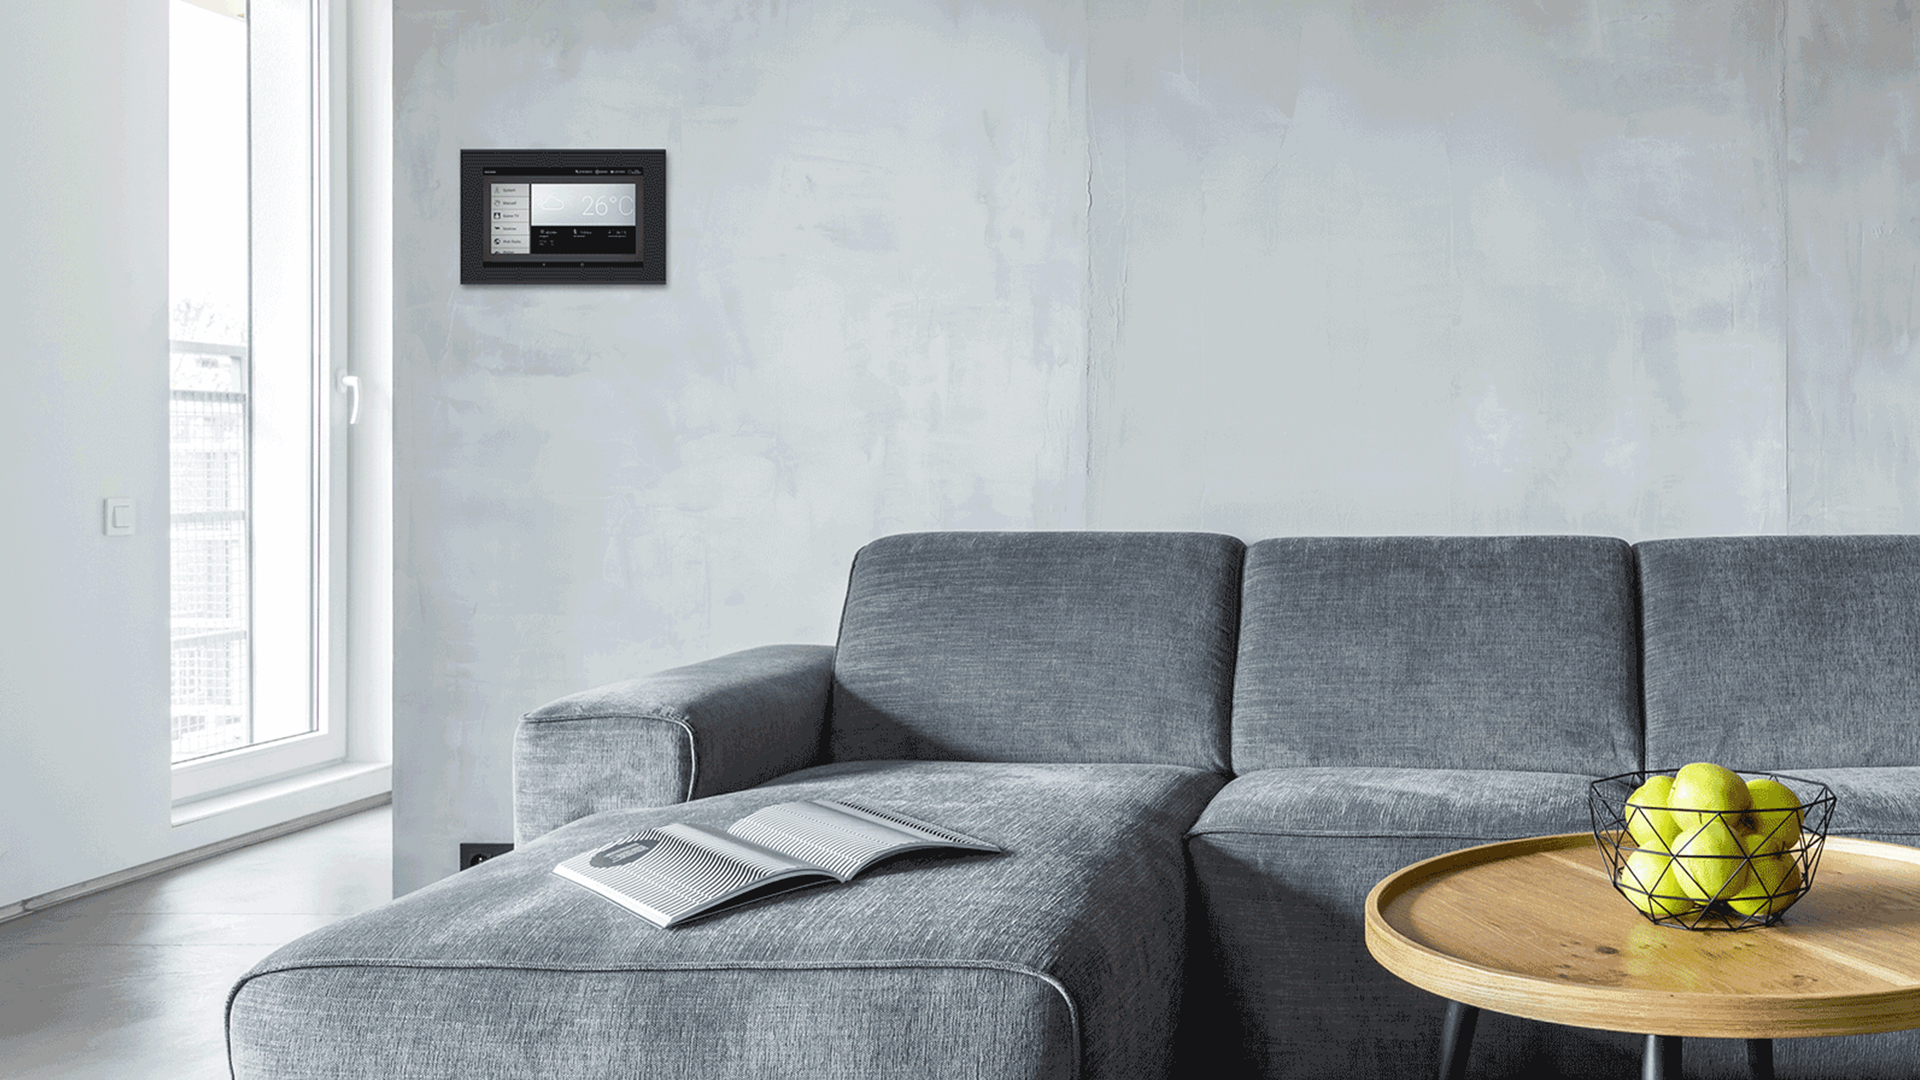 Wohnzimmer mit WS1000 Connect Steuereinheit